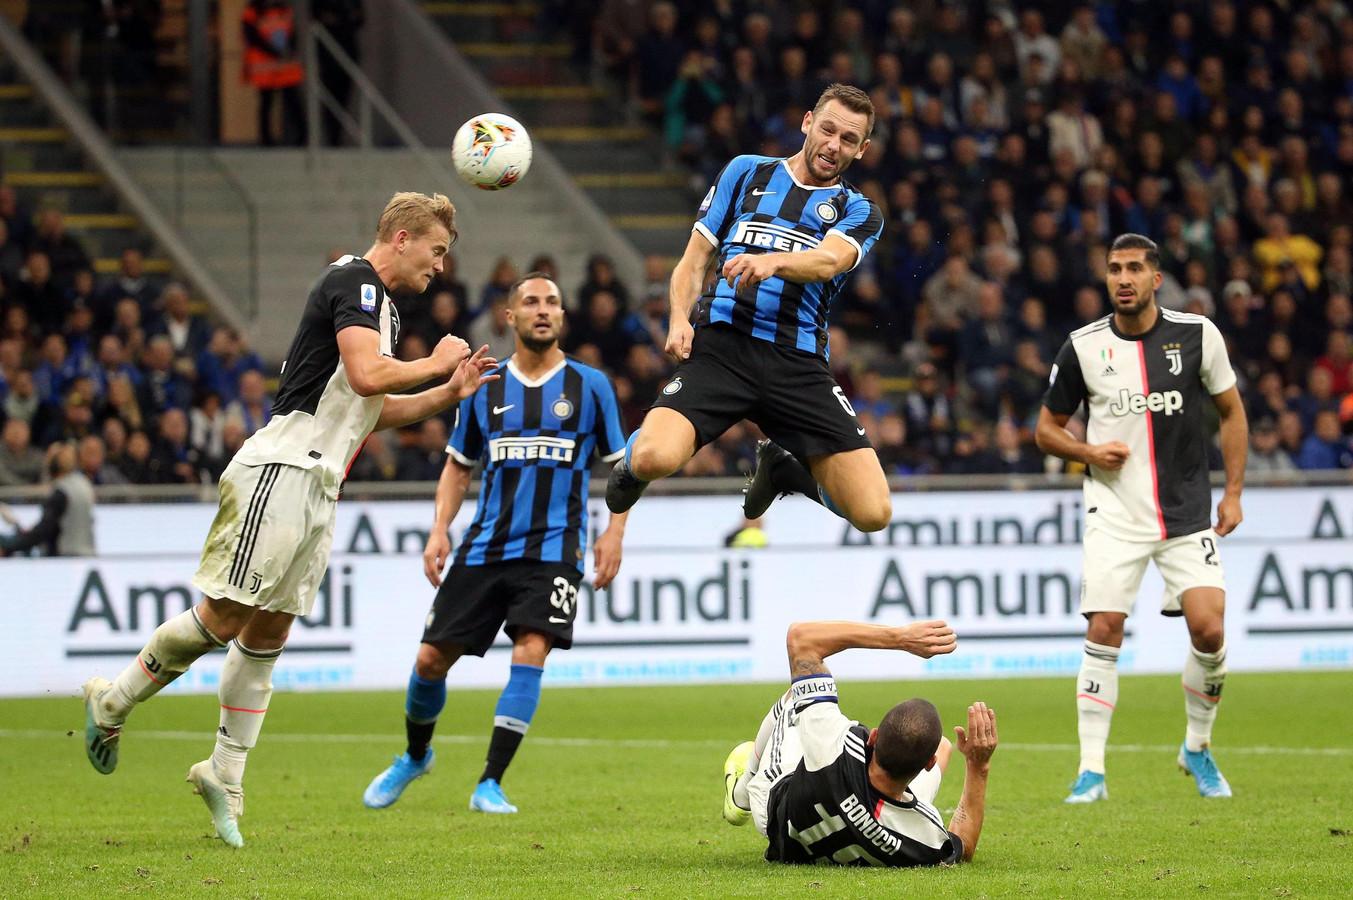 Matthijs de Ligt en Stefan de Vrij tijdens Internazionale - Juventus (1-2) op 6 oktober 2019 in San Siro. Op zondag 1 maart staan de gedeelde koplopers tegenover elkaar in Turijn.